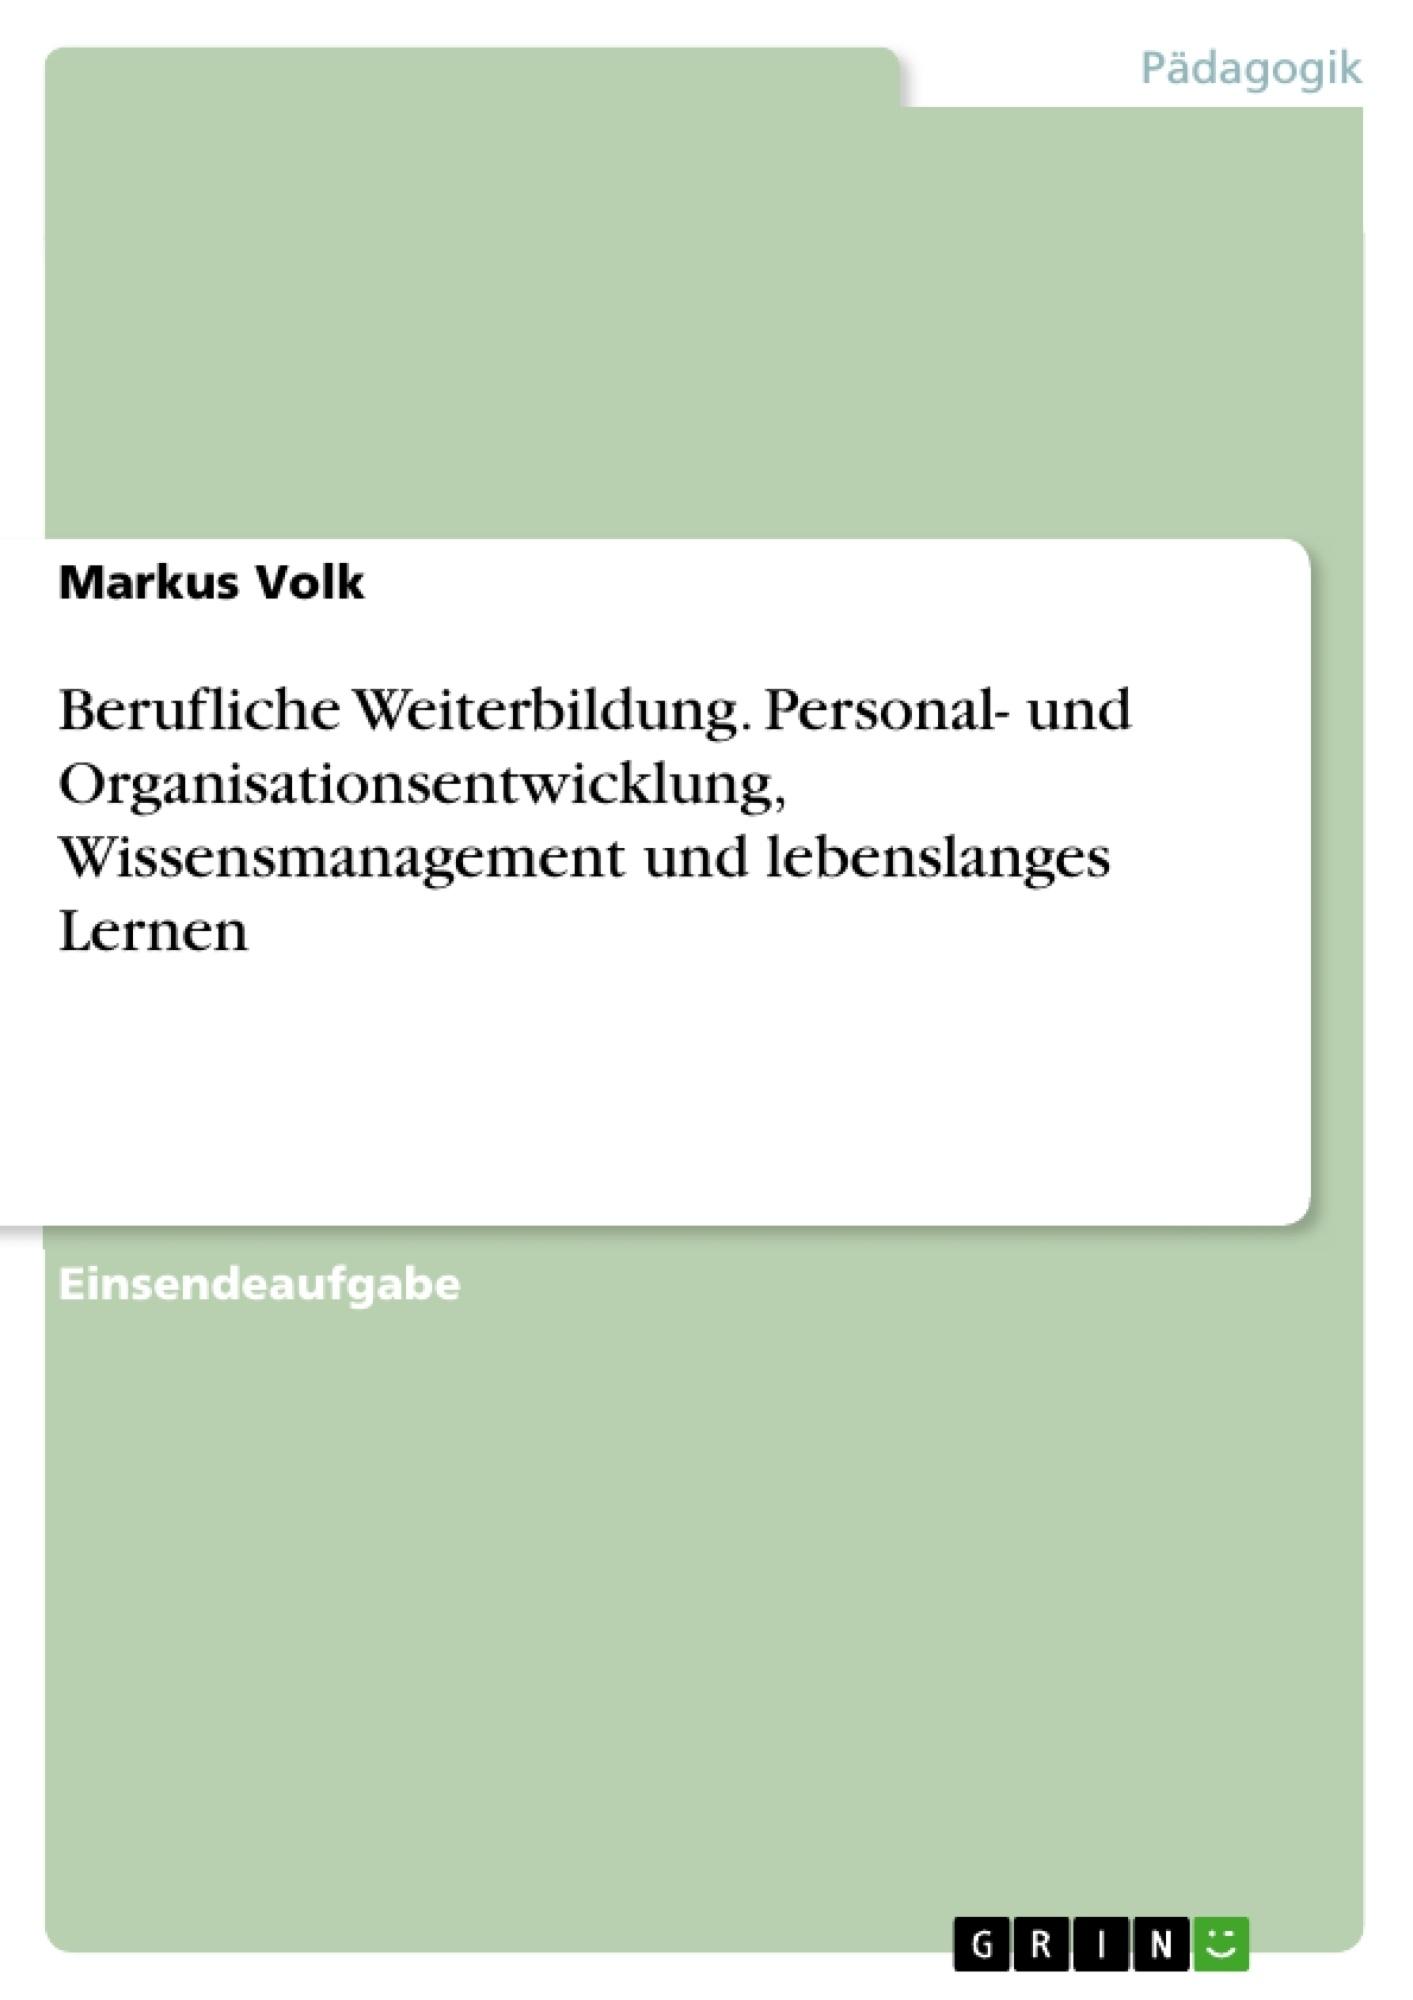 Titel: Berufliche Weiterbildung. Personal- und Organisationsentwicklung, Wissensmanagement und lebenslanges Lernen